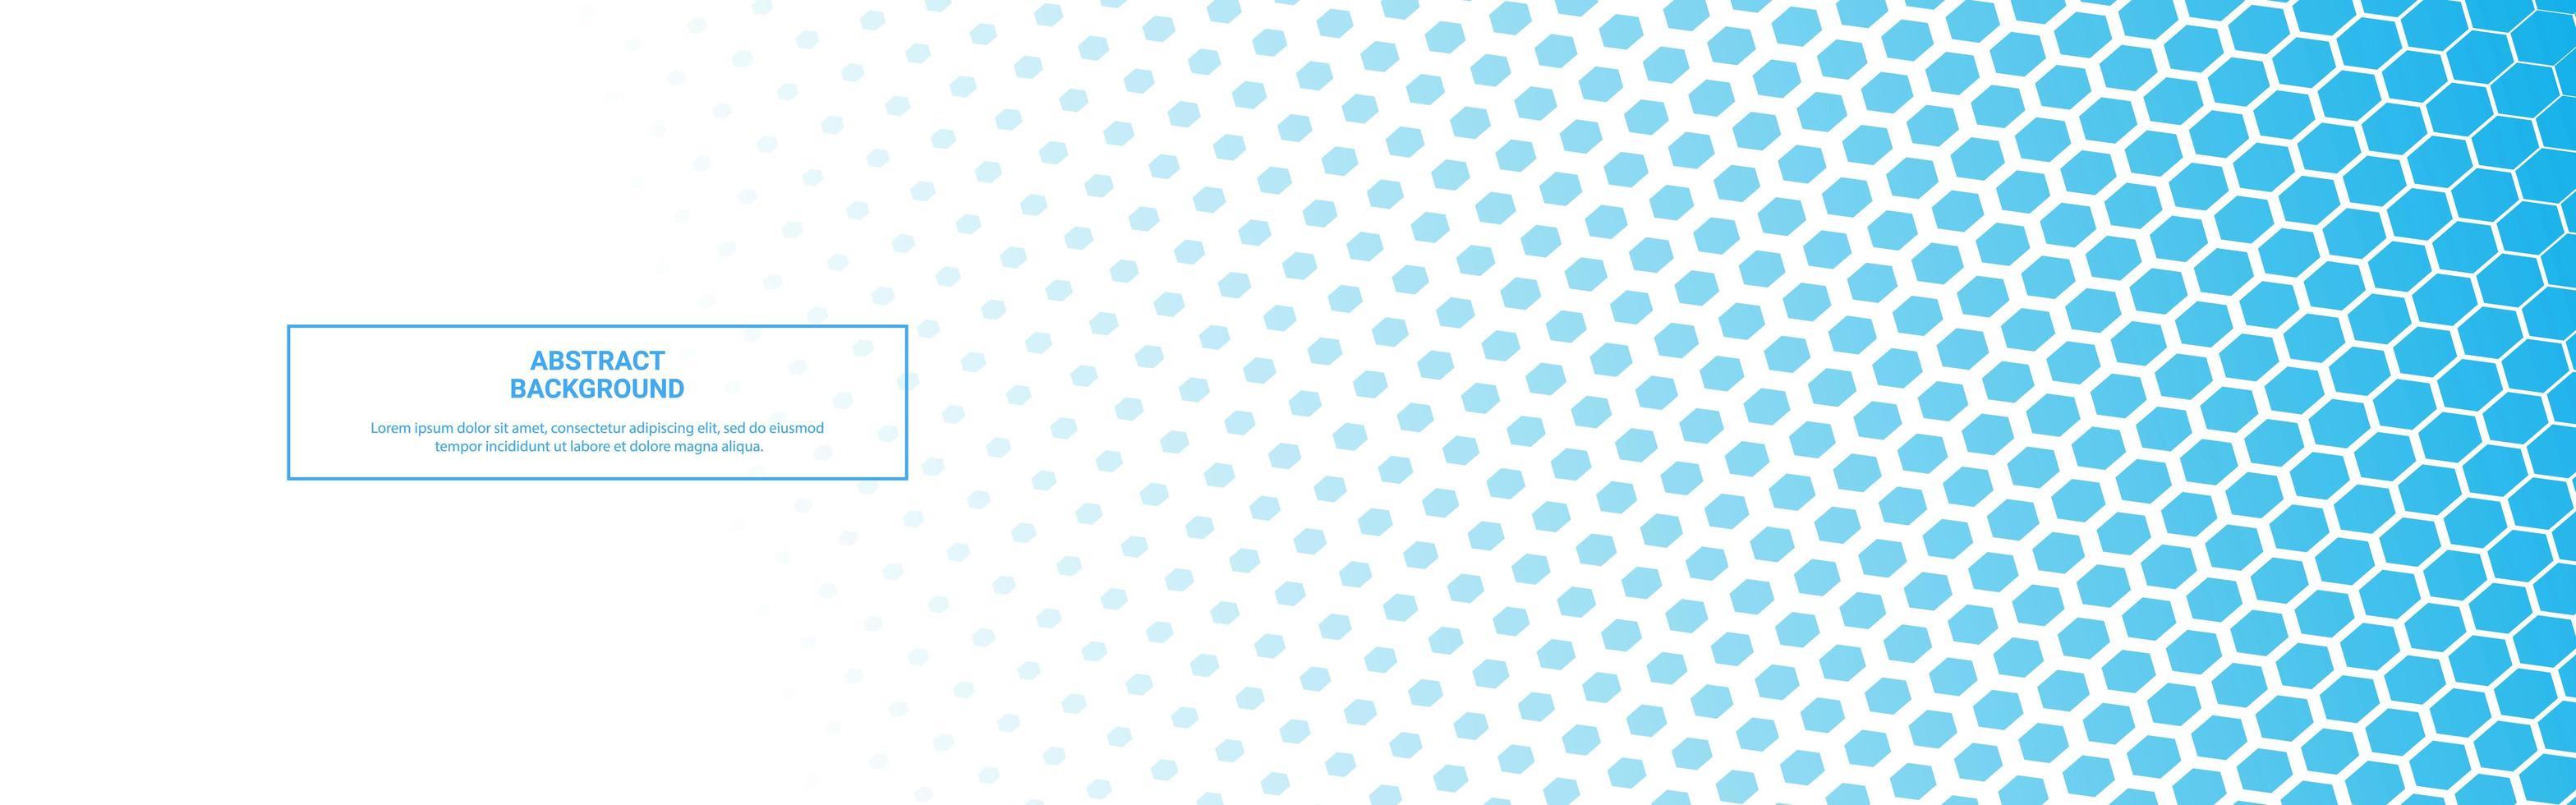 halvton blå gradient geometrisk struktur vektor